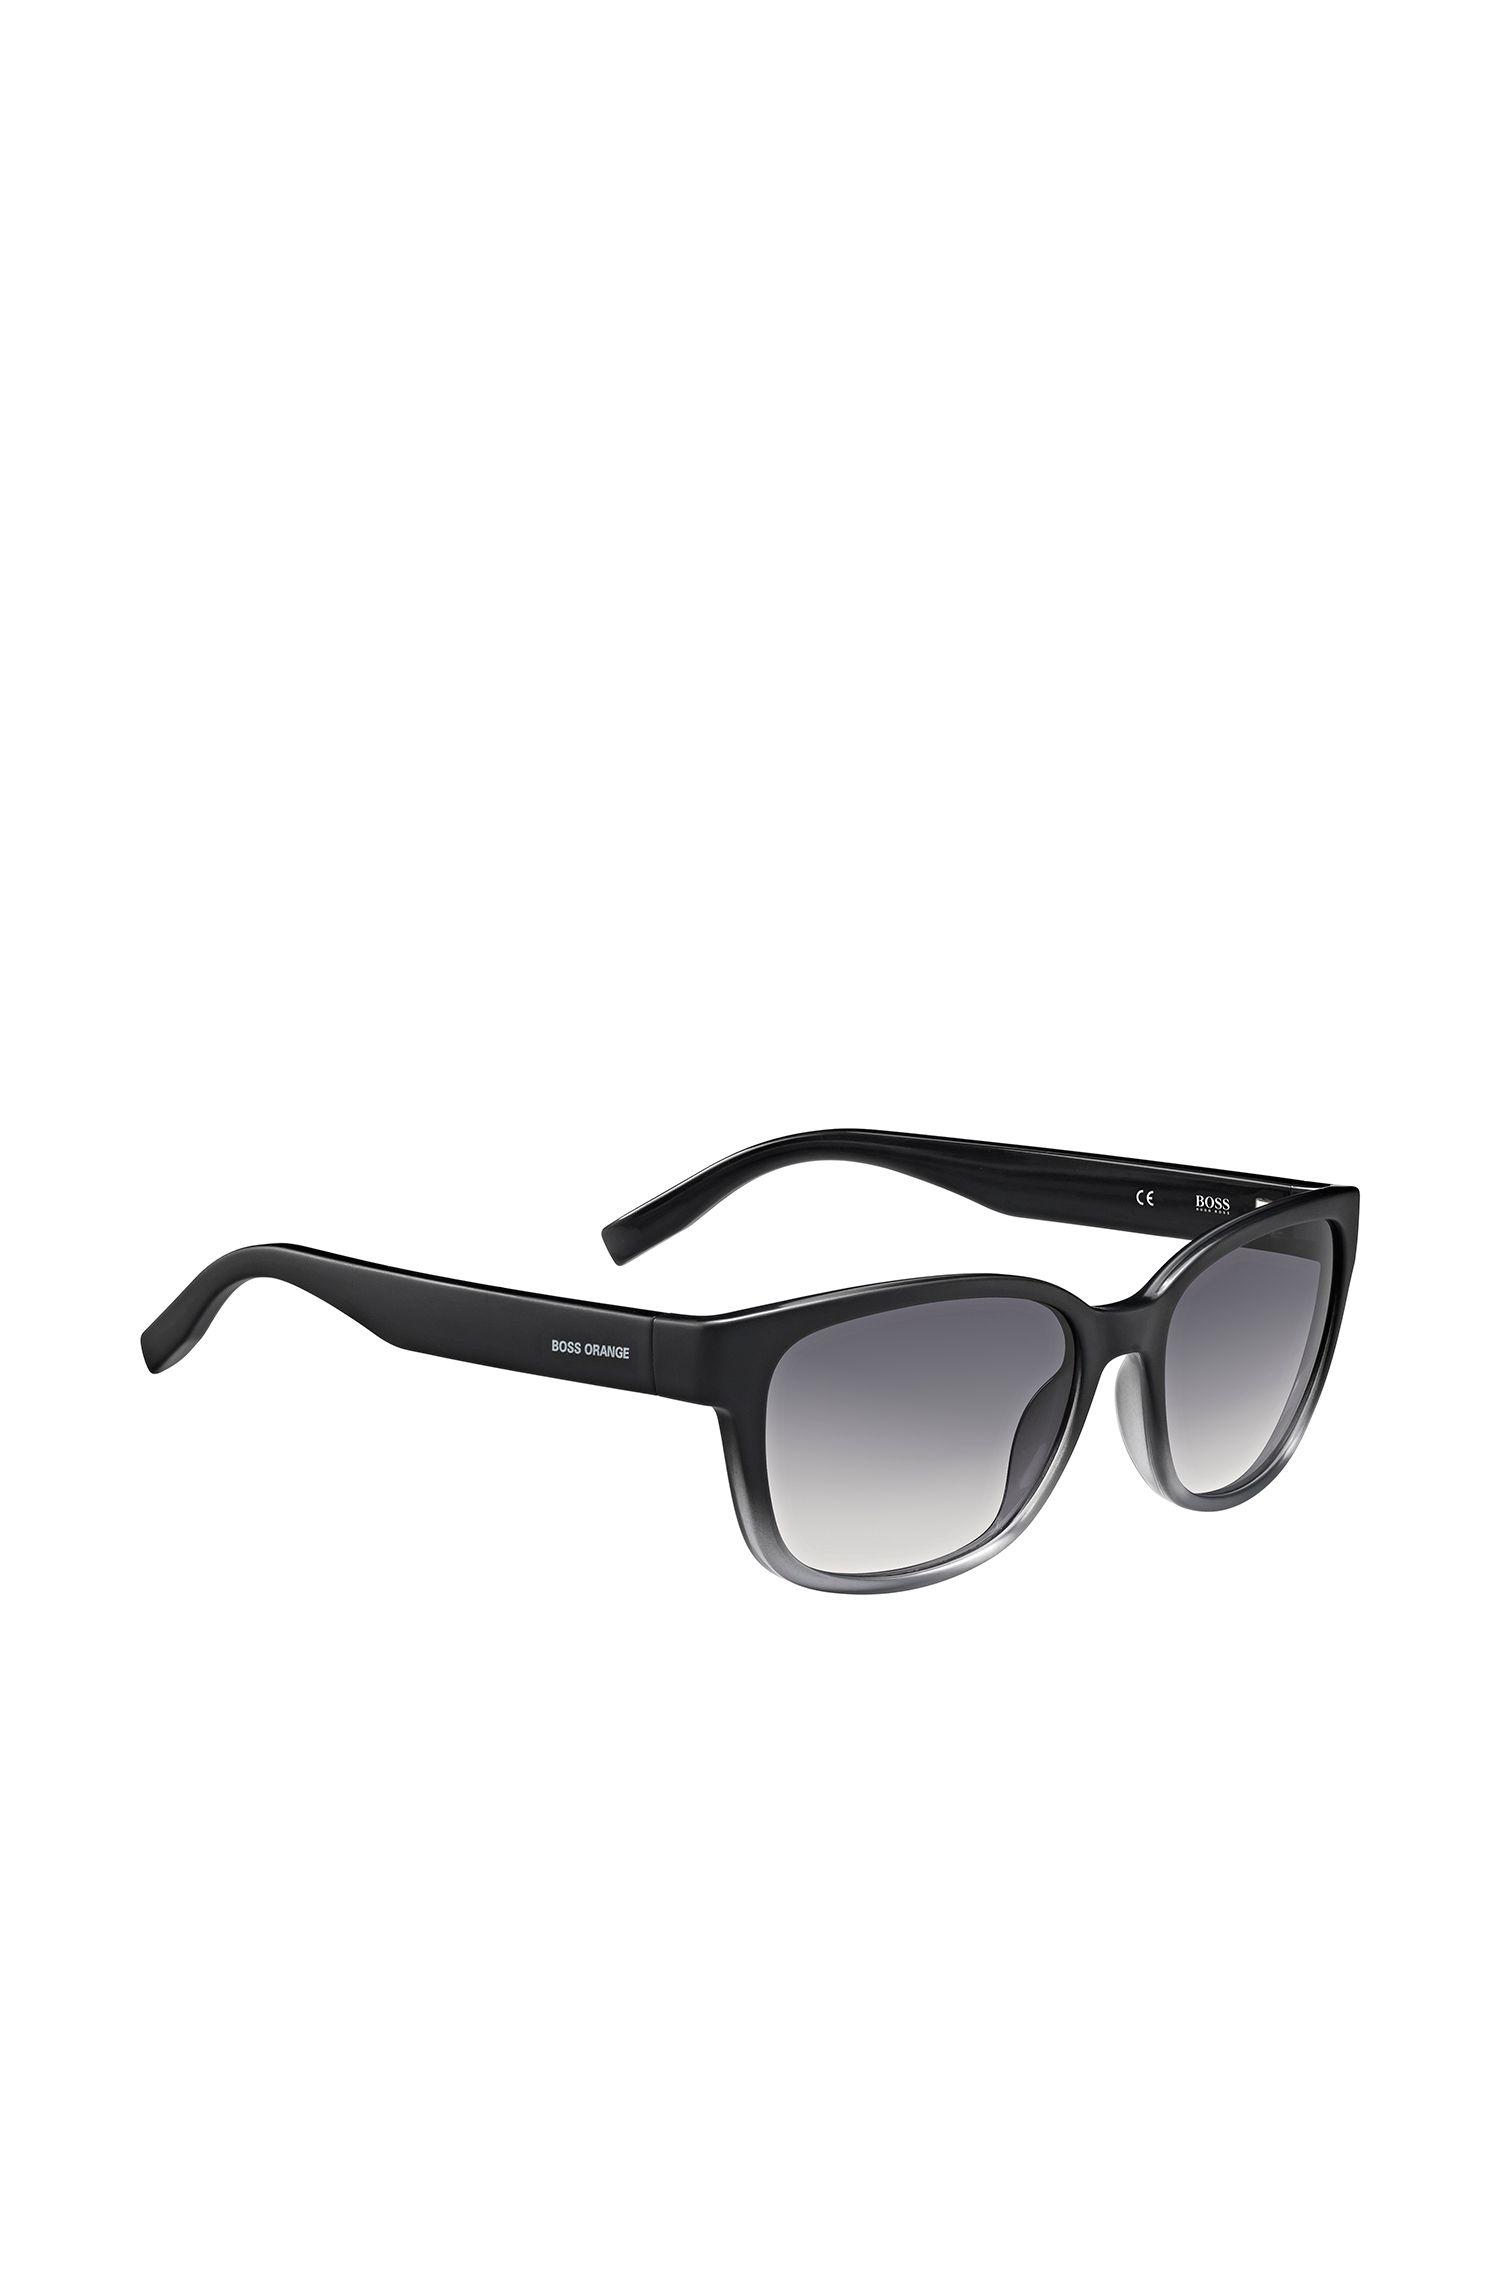 Lunettes de soleil noir-gris de style œil-de-chat: «BO0251/1»